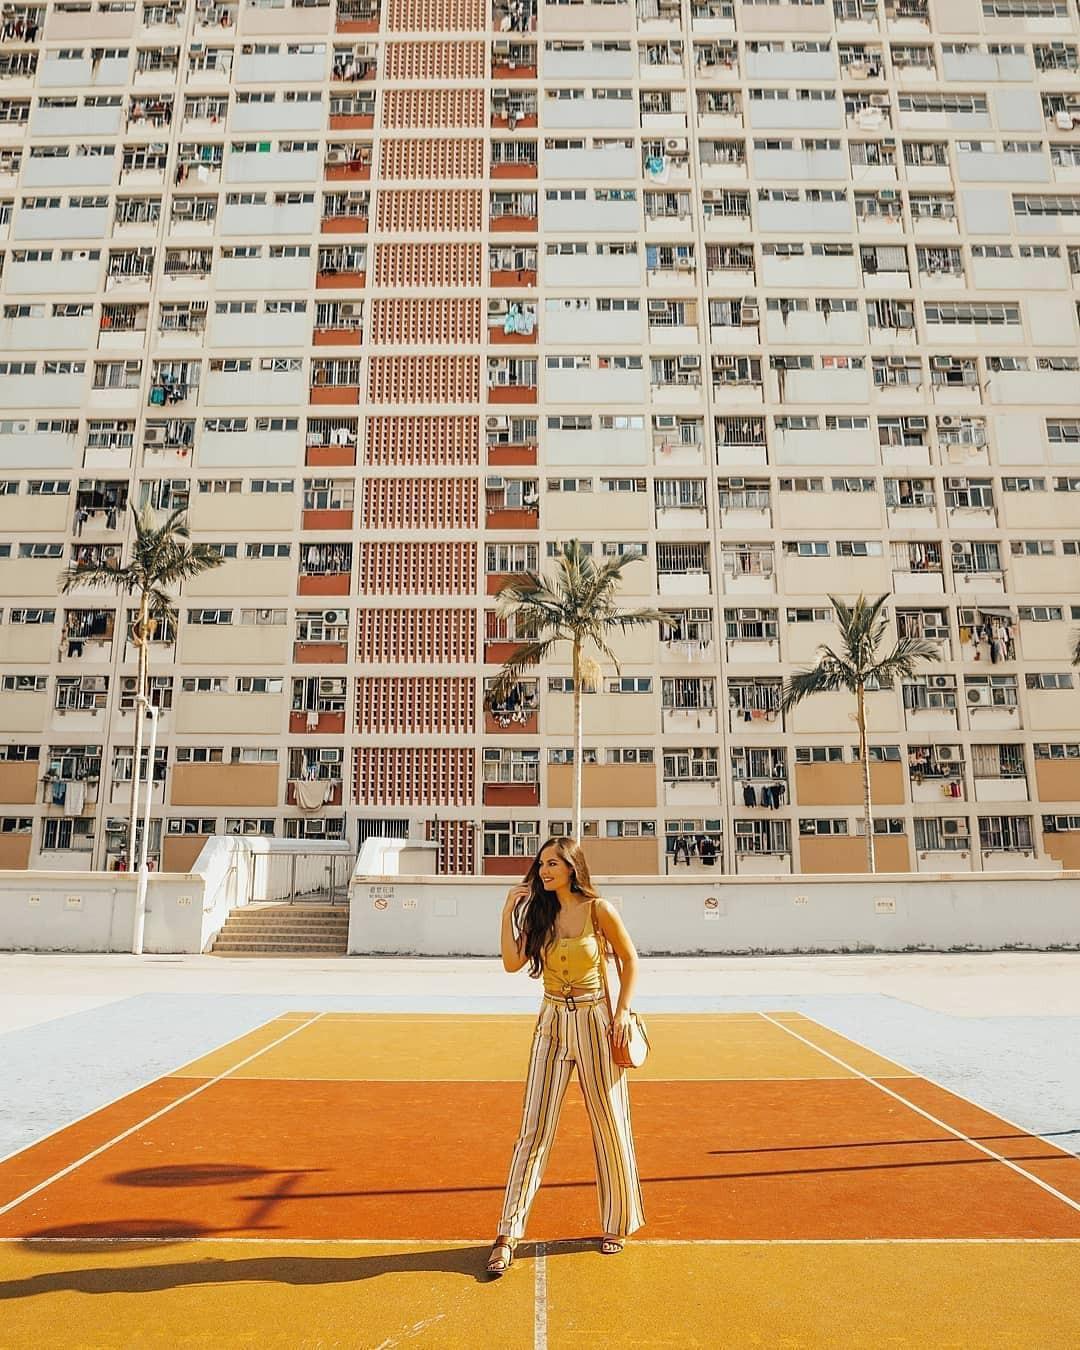 Bỏ túi ngay 8 điểm 'sống ảo' nổi tiếng ở Hong Kong, vị trí thứ 2 hot đến nỗi còn lọt vào top được check-in nhiều nhất trên Instagram! - Ảnh 6.